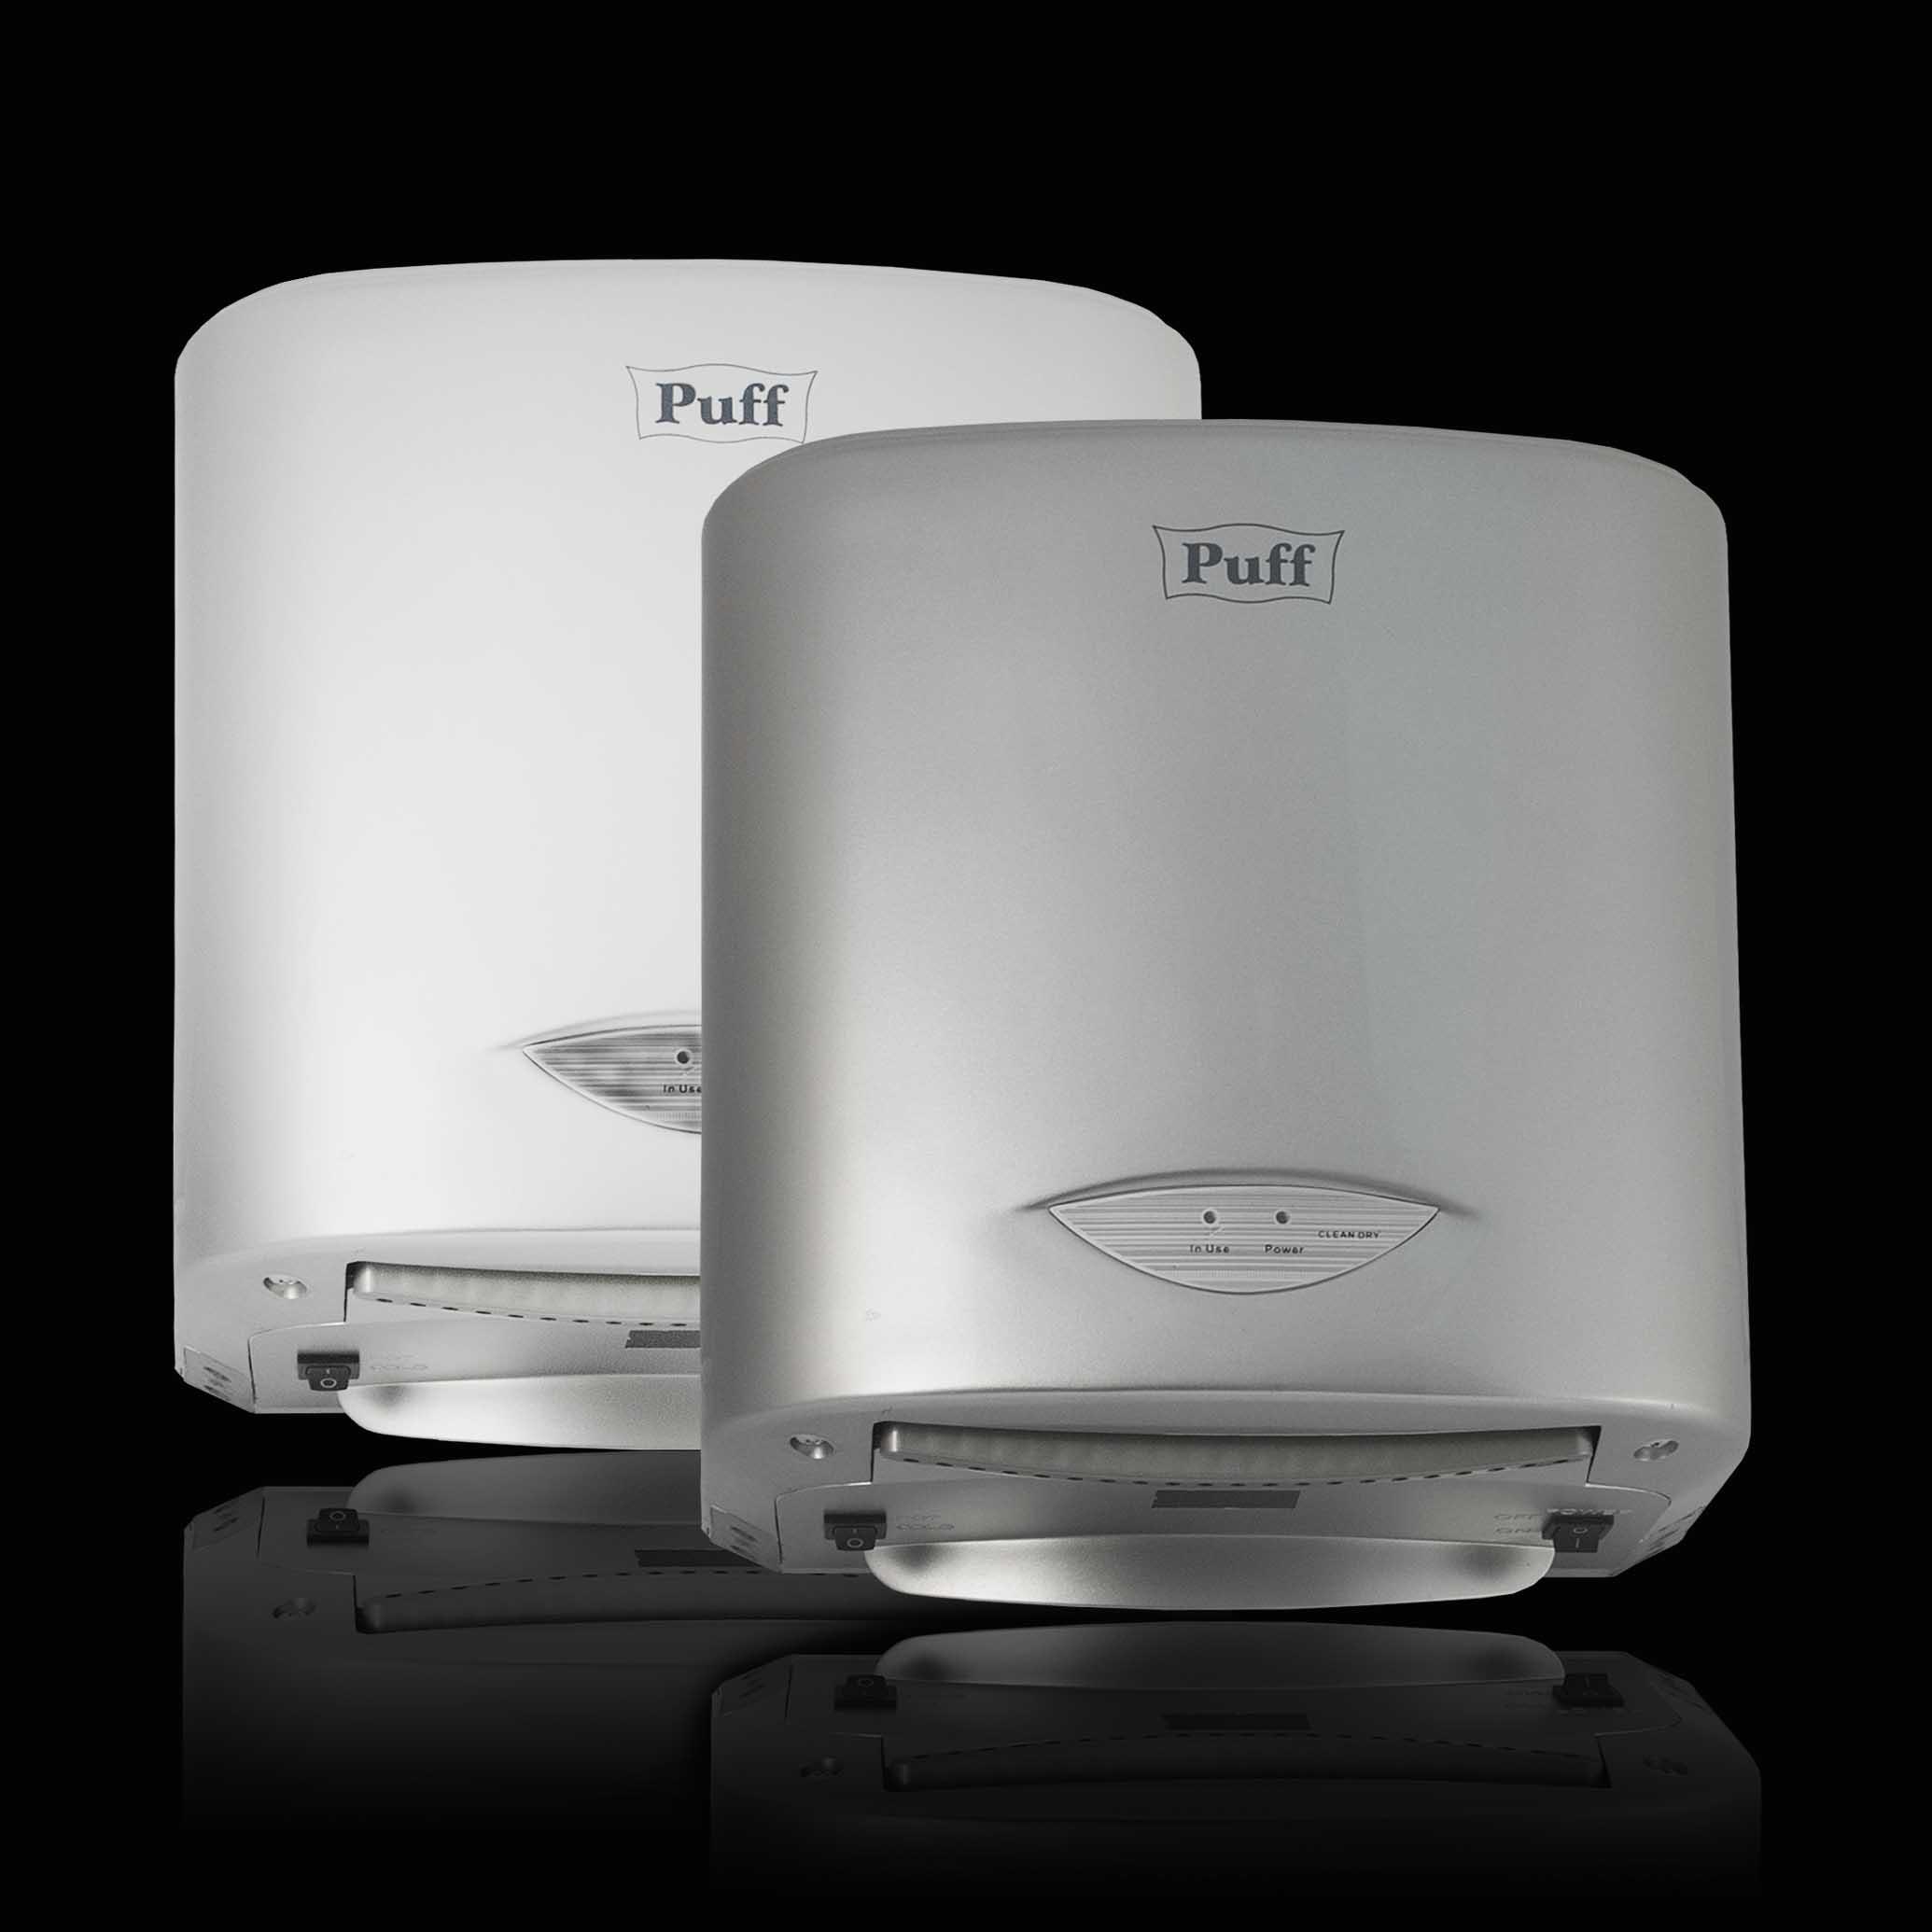 Высокоскоростная сушилка для рукPuff-8805А/8805С Материал корпуса:ABC-Пластик Цвет: белый/тем.серебристый Мощность (Вт): 1 000 Напряжение (В/Гц): 220 / 50-60 Скорость воздушного потока (м/сек): 50Время сушки рук (сек): 10 Габаритные размеры (мм) (ШхГхВ):248х175х250 Вес нетто (кг): 3,8 Гарантия: 12 мес.